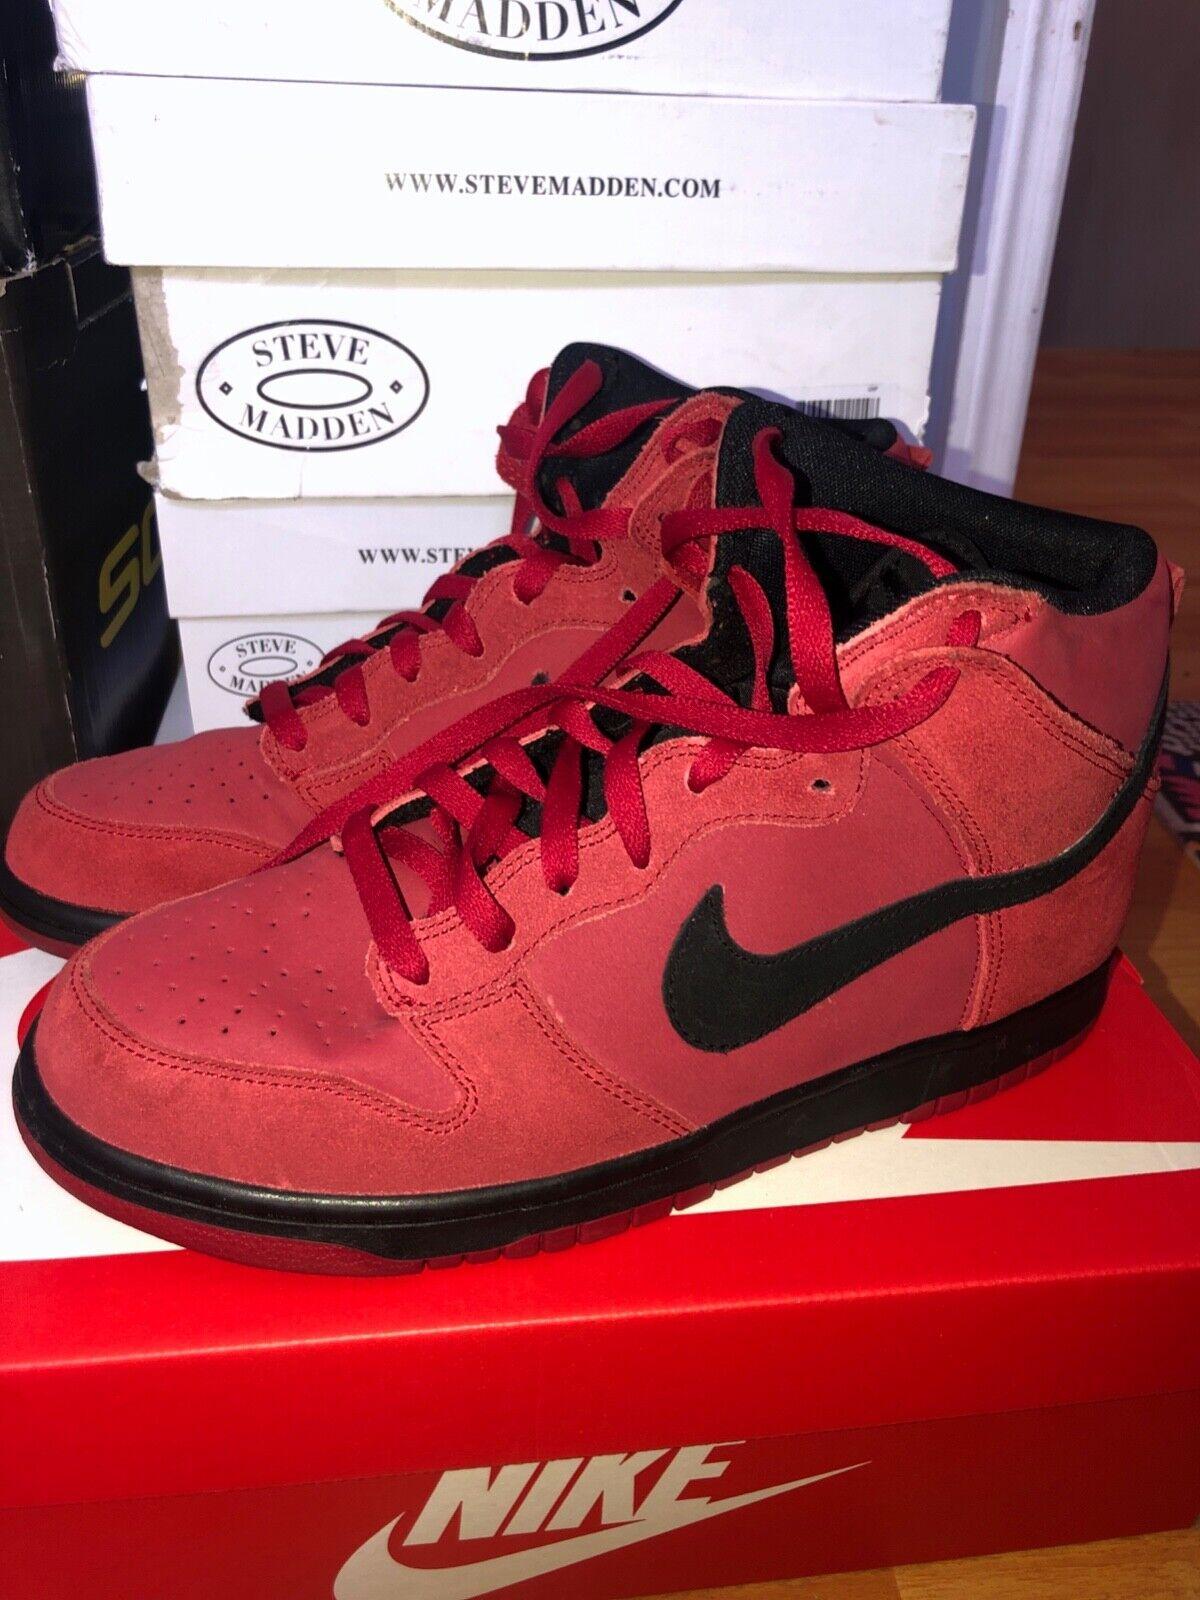 Nike SB Dunk Premium Size US 9.0 Red Velvet